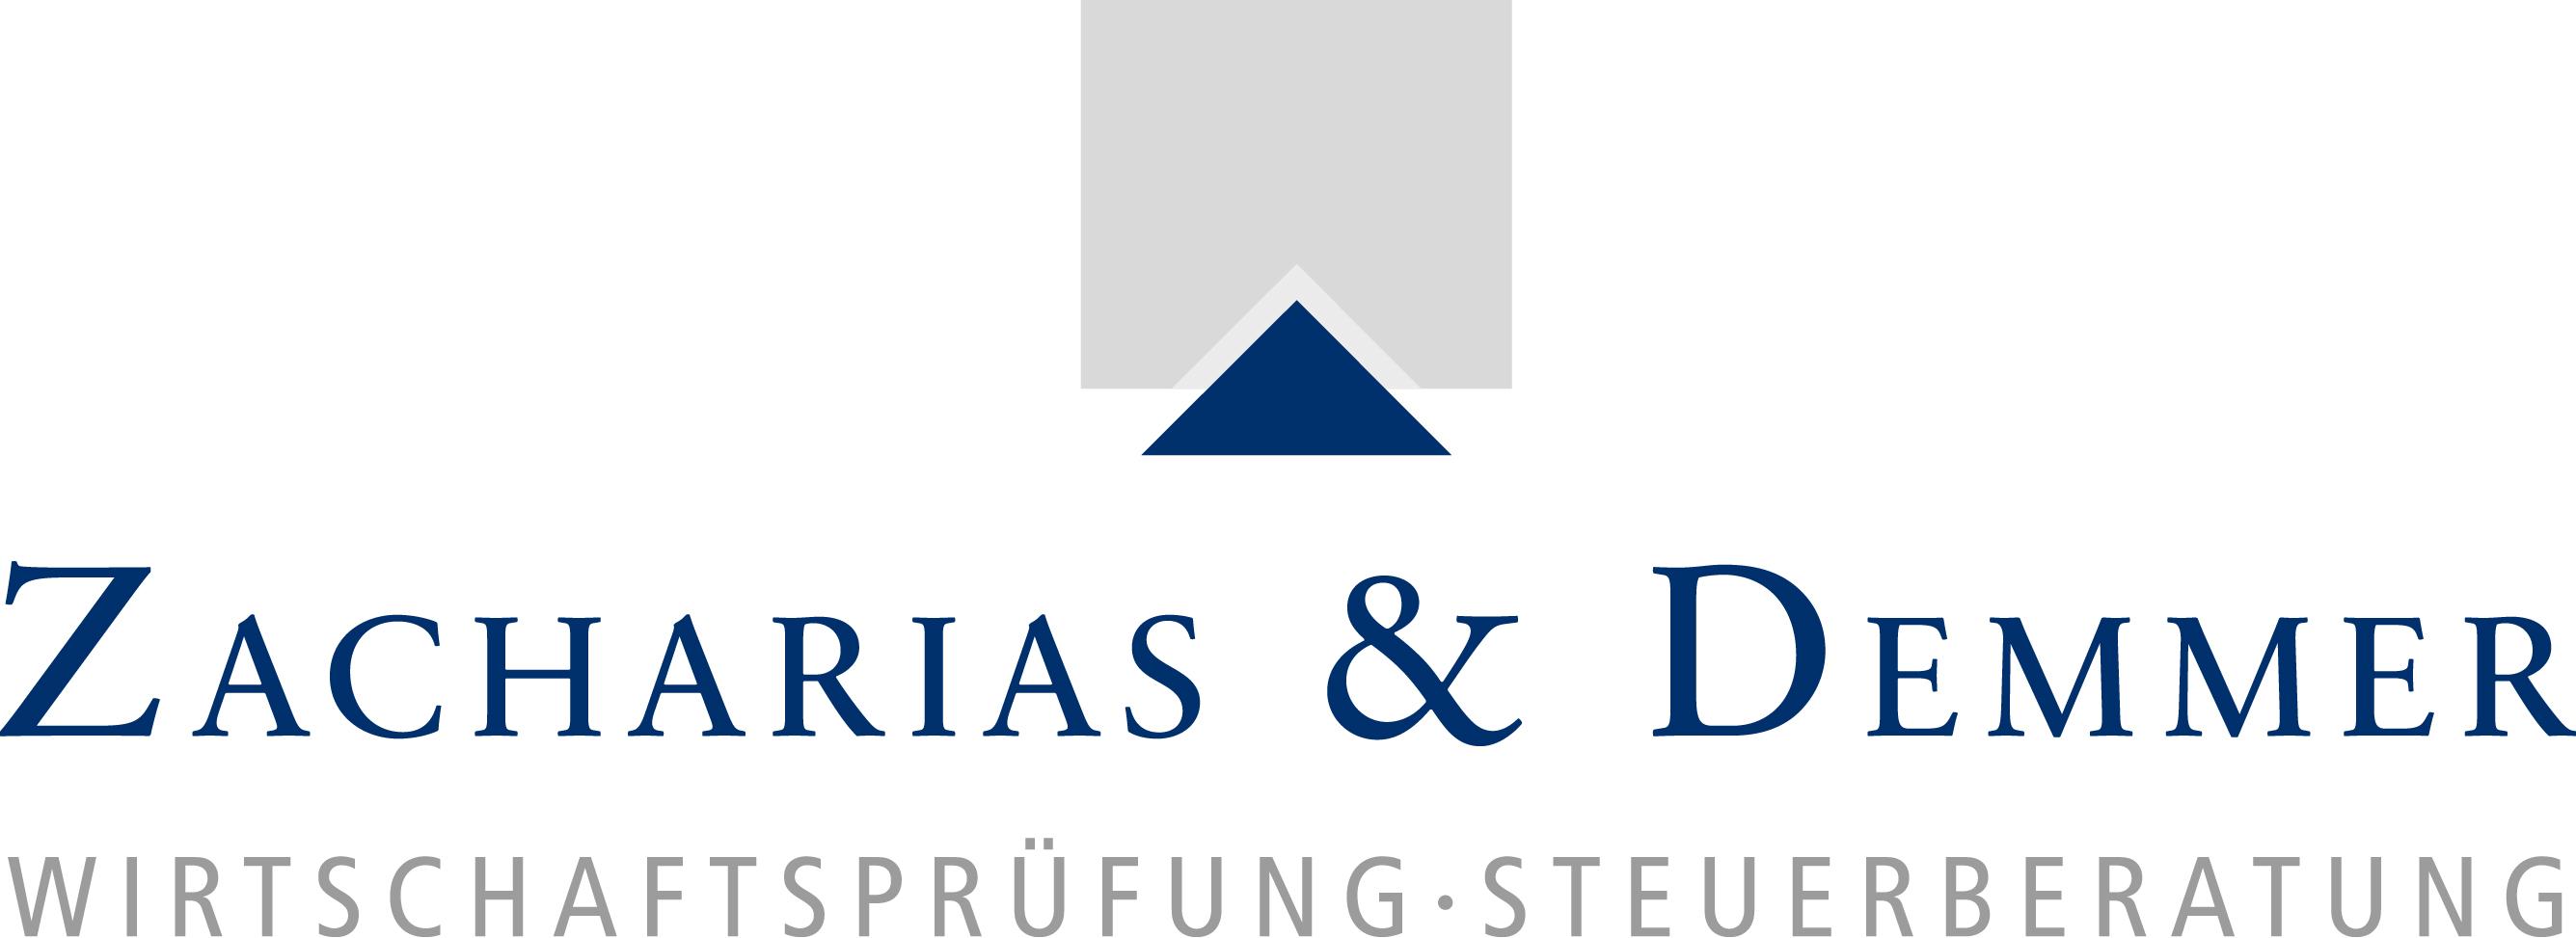 Zacharias & Demmer - Wirtschaftsprüfung/Steuerberatung